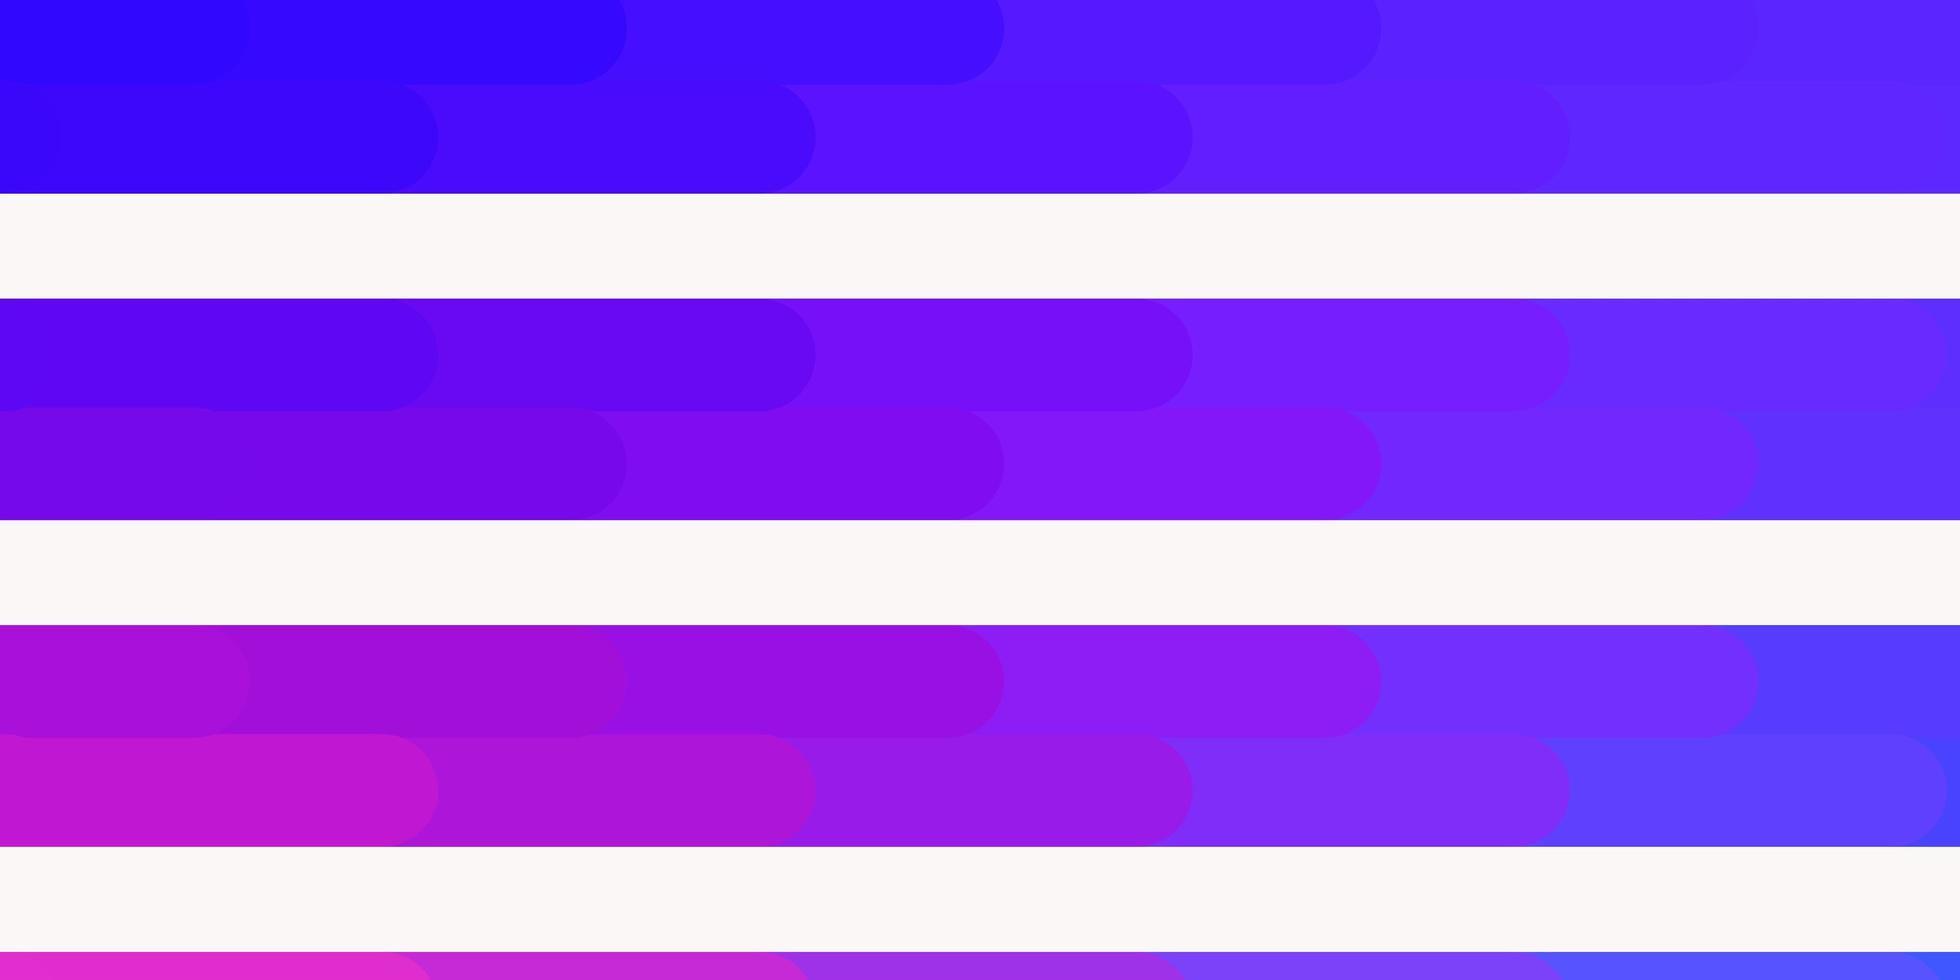 diseño de vector rosa claro, azul con líneas.